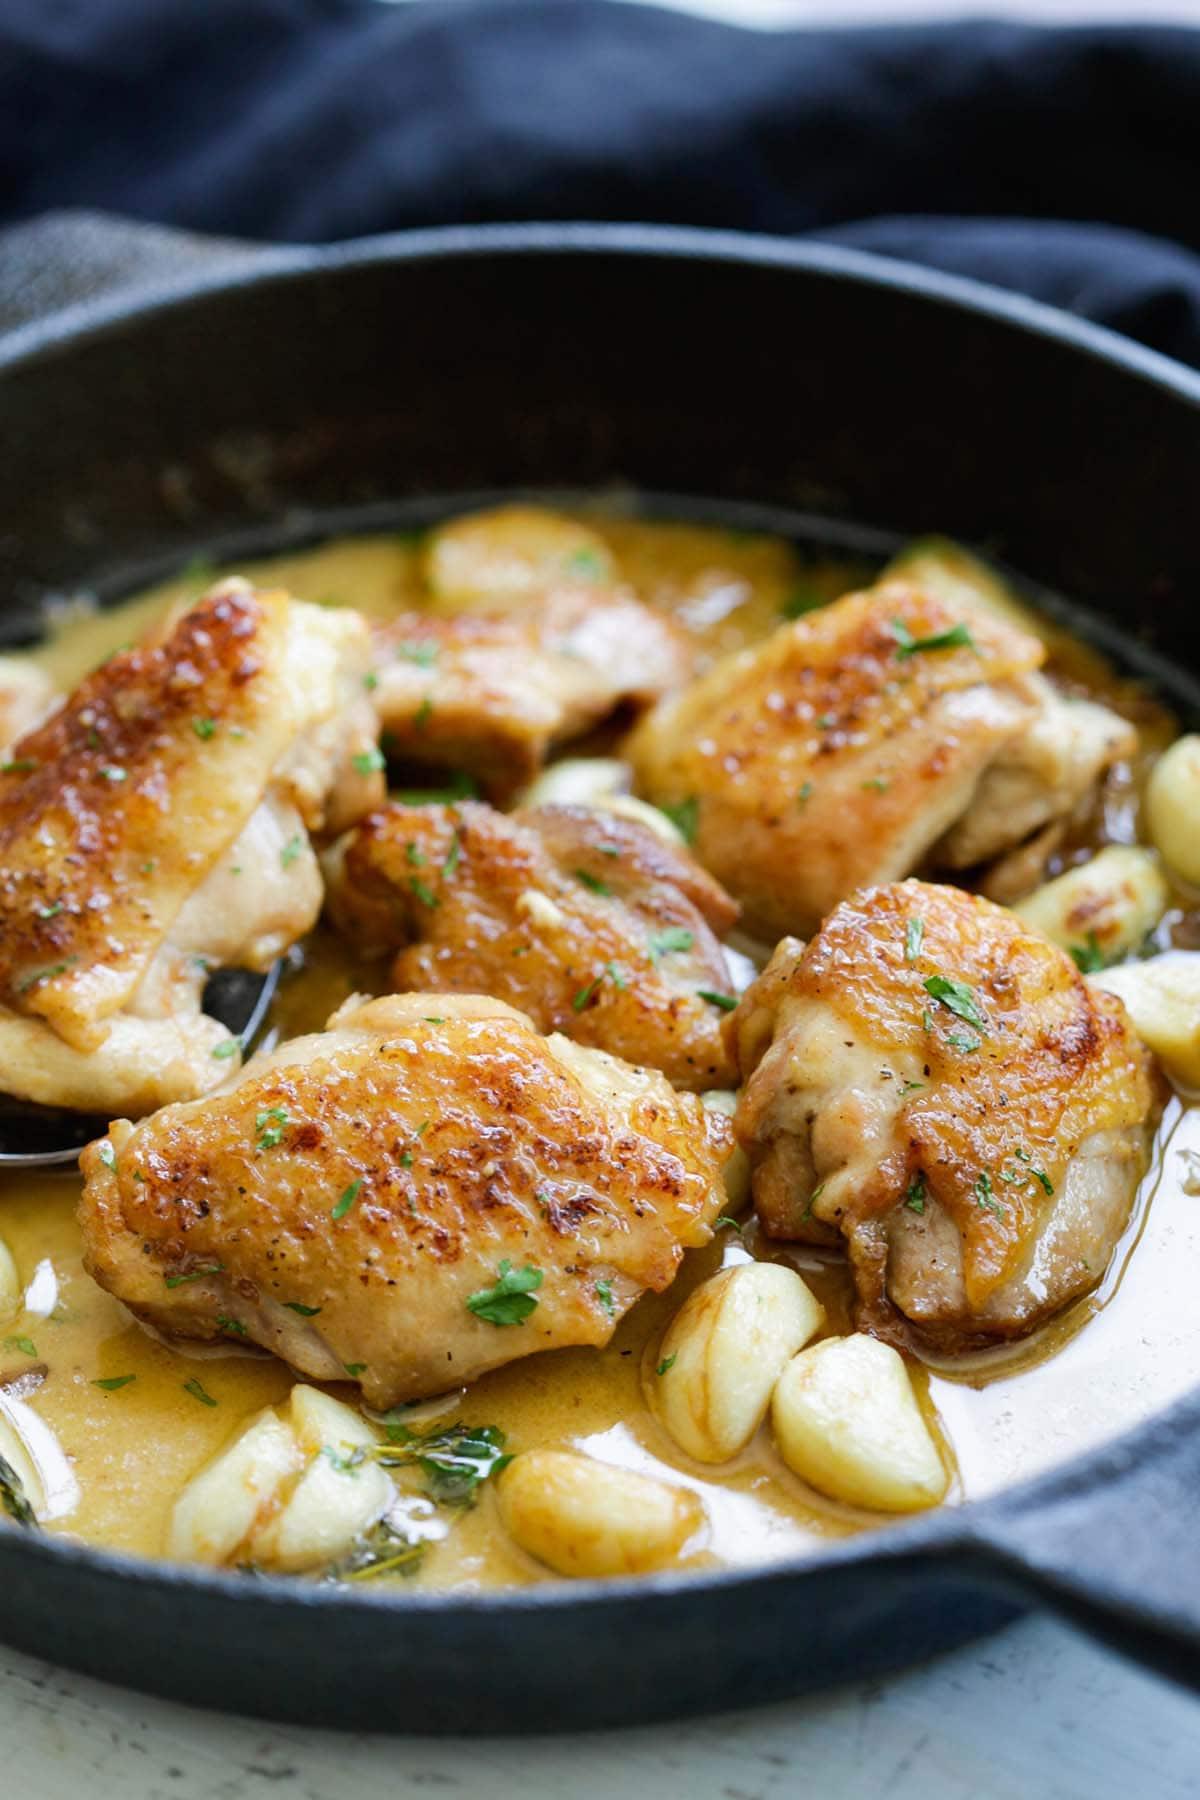 Creamy Garlic Chicken in a skillet, ready to serve.